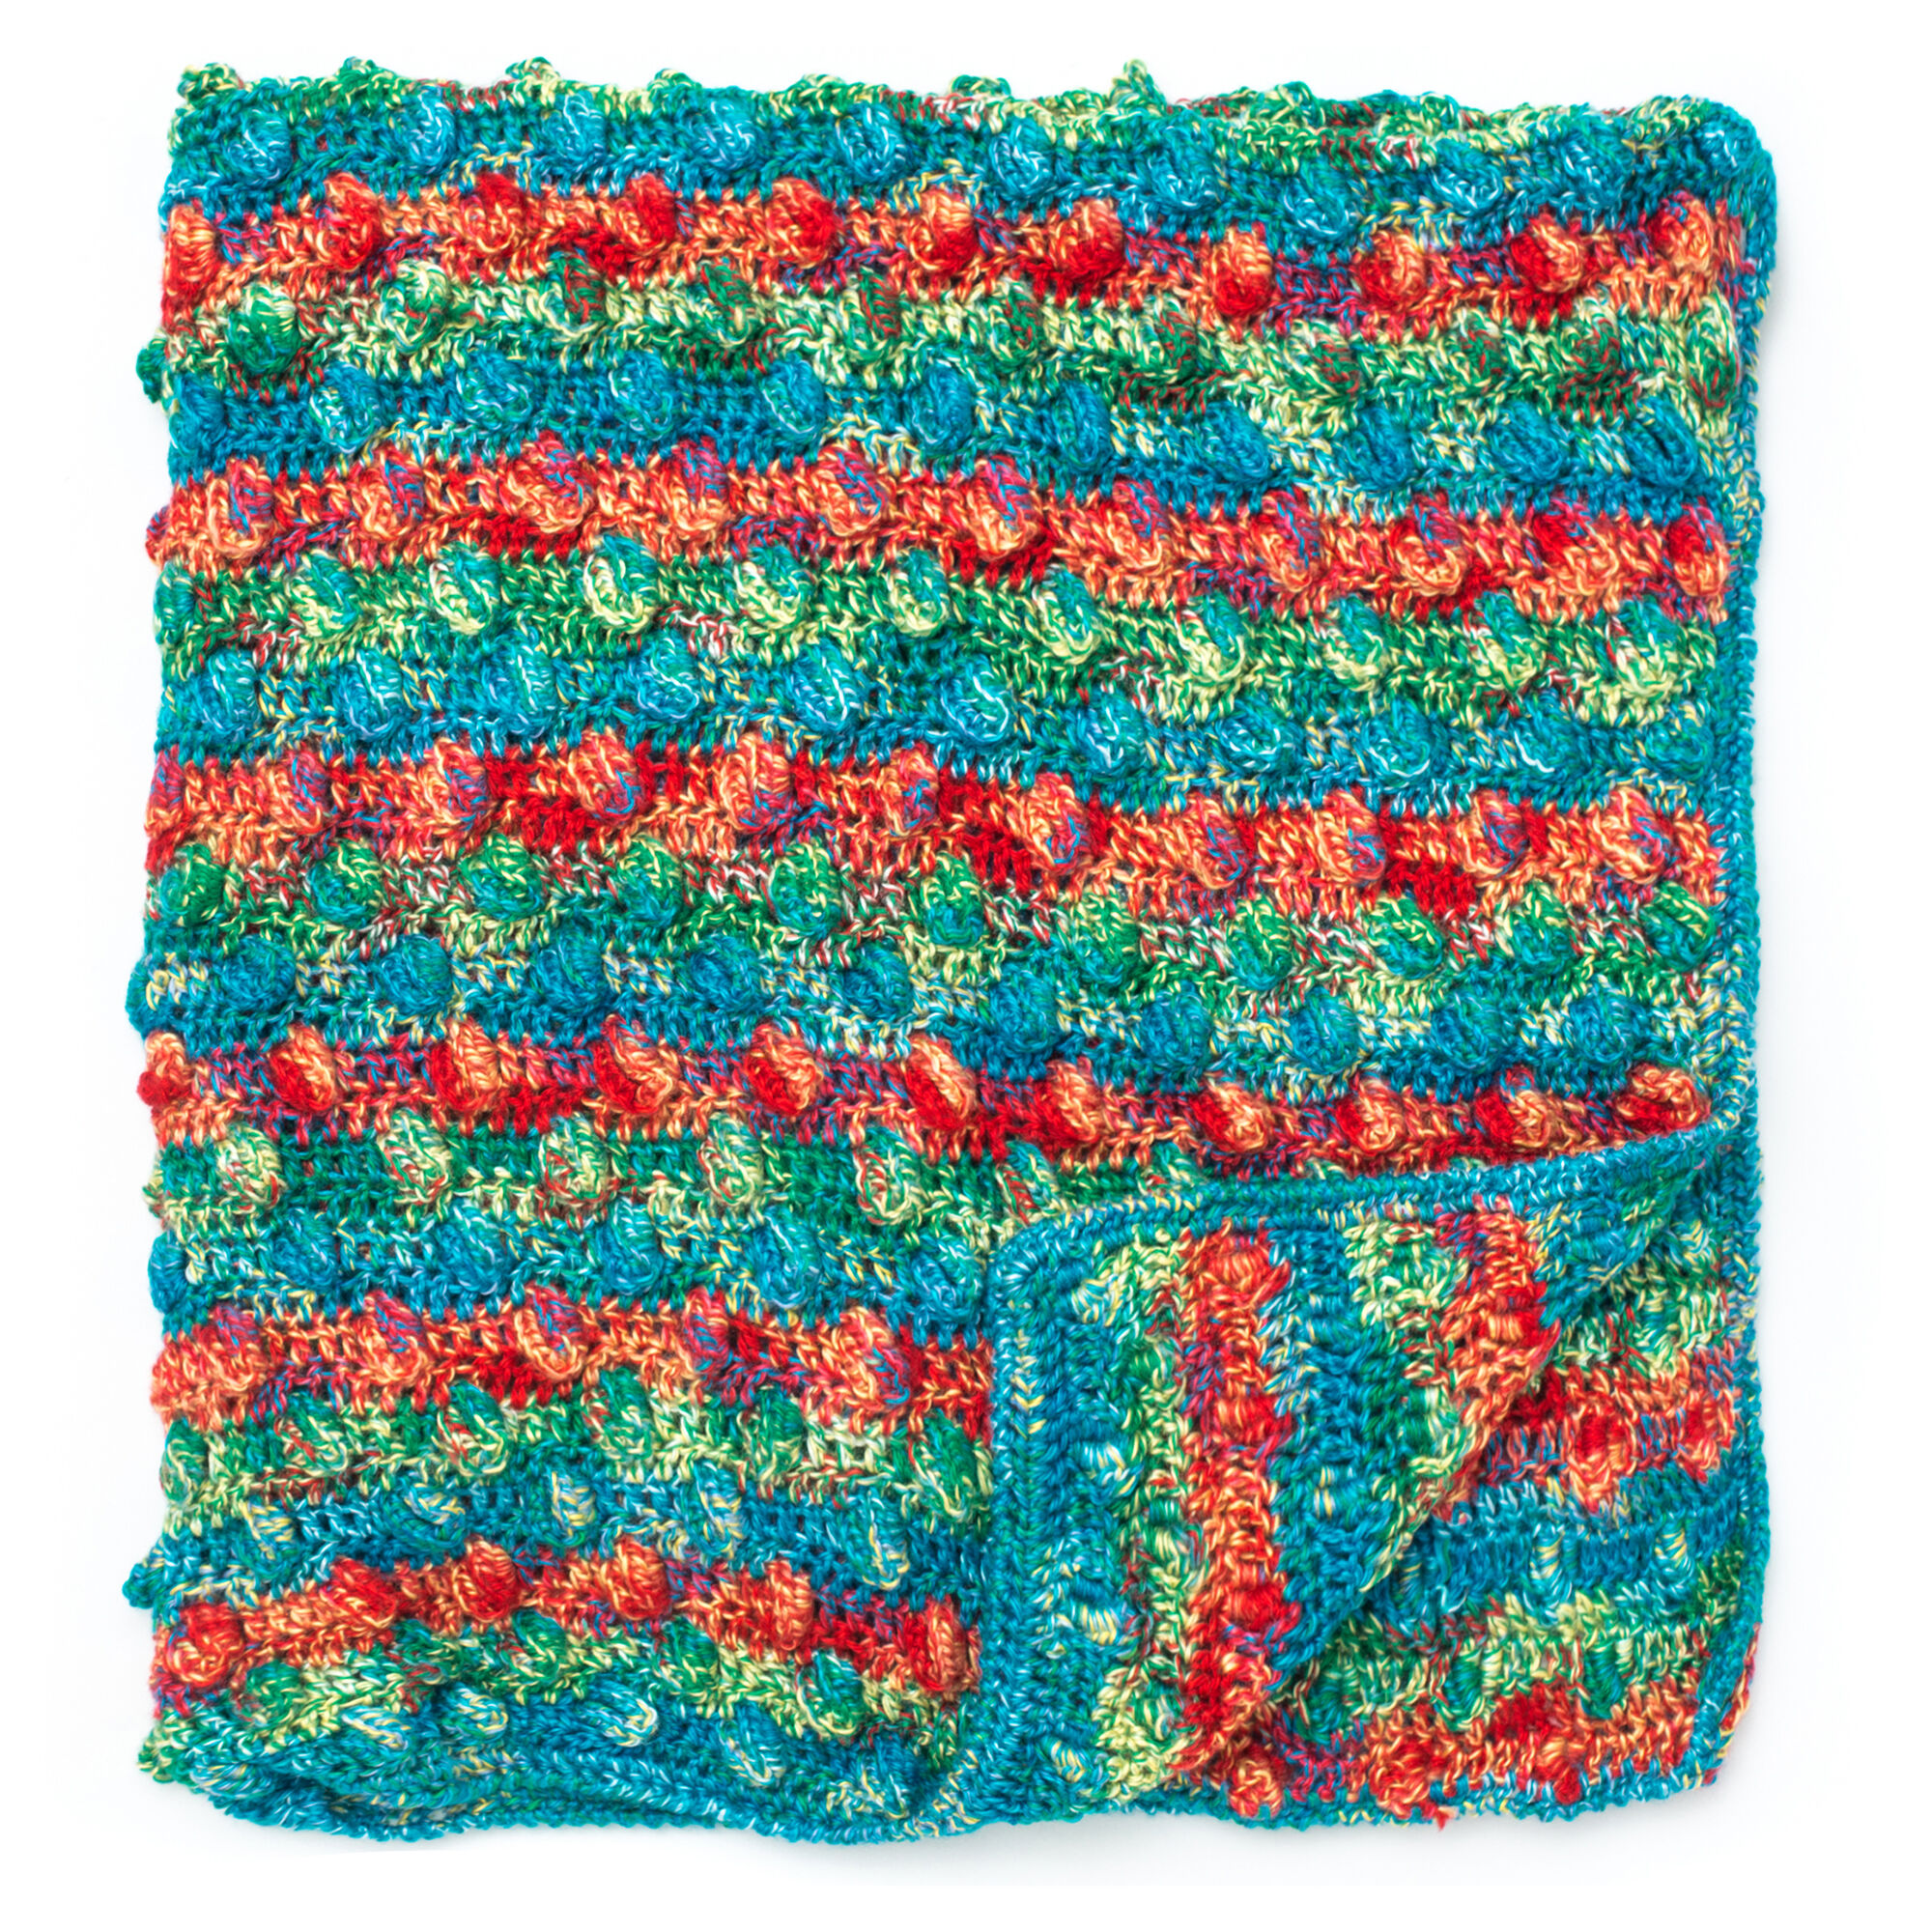 Bernat Color Pops Blanket Yarnspirations